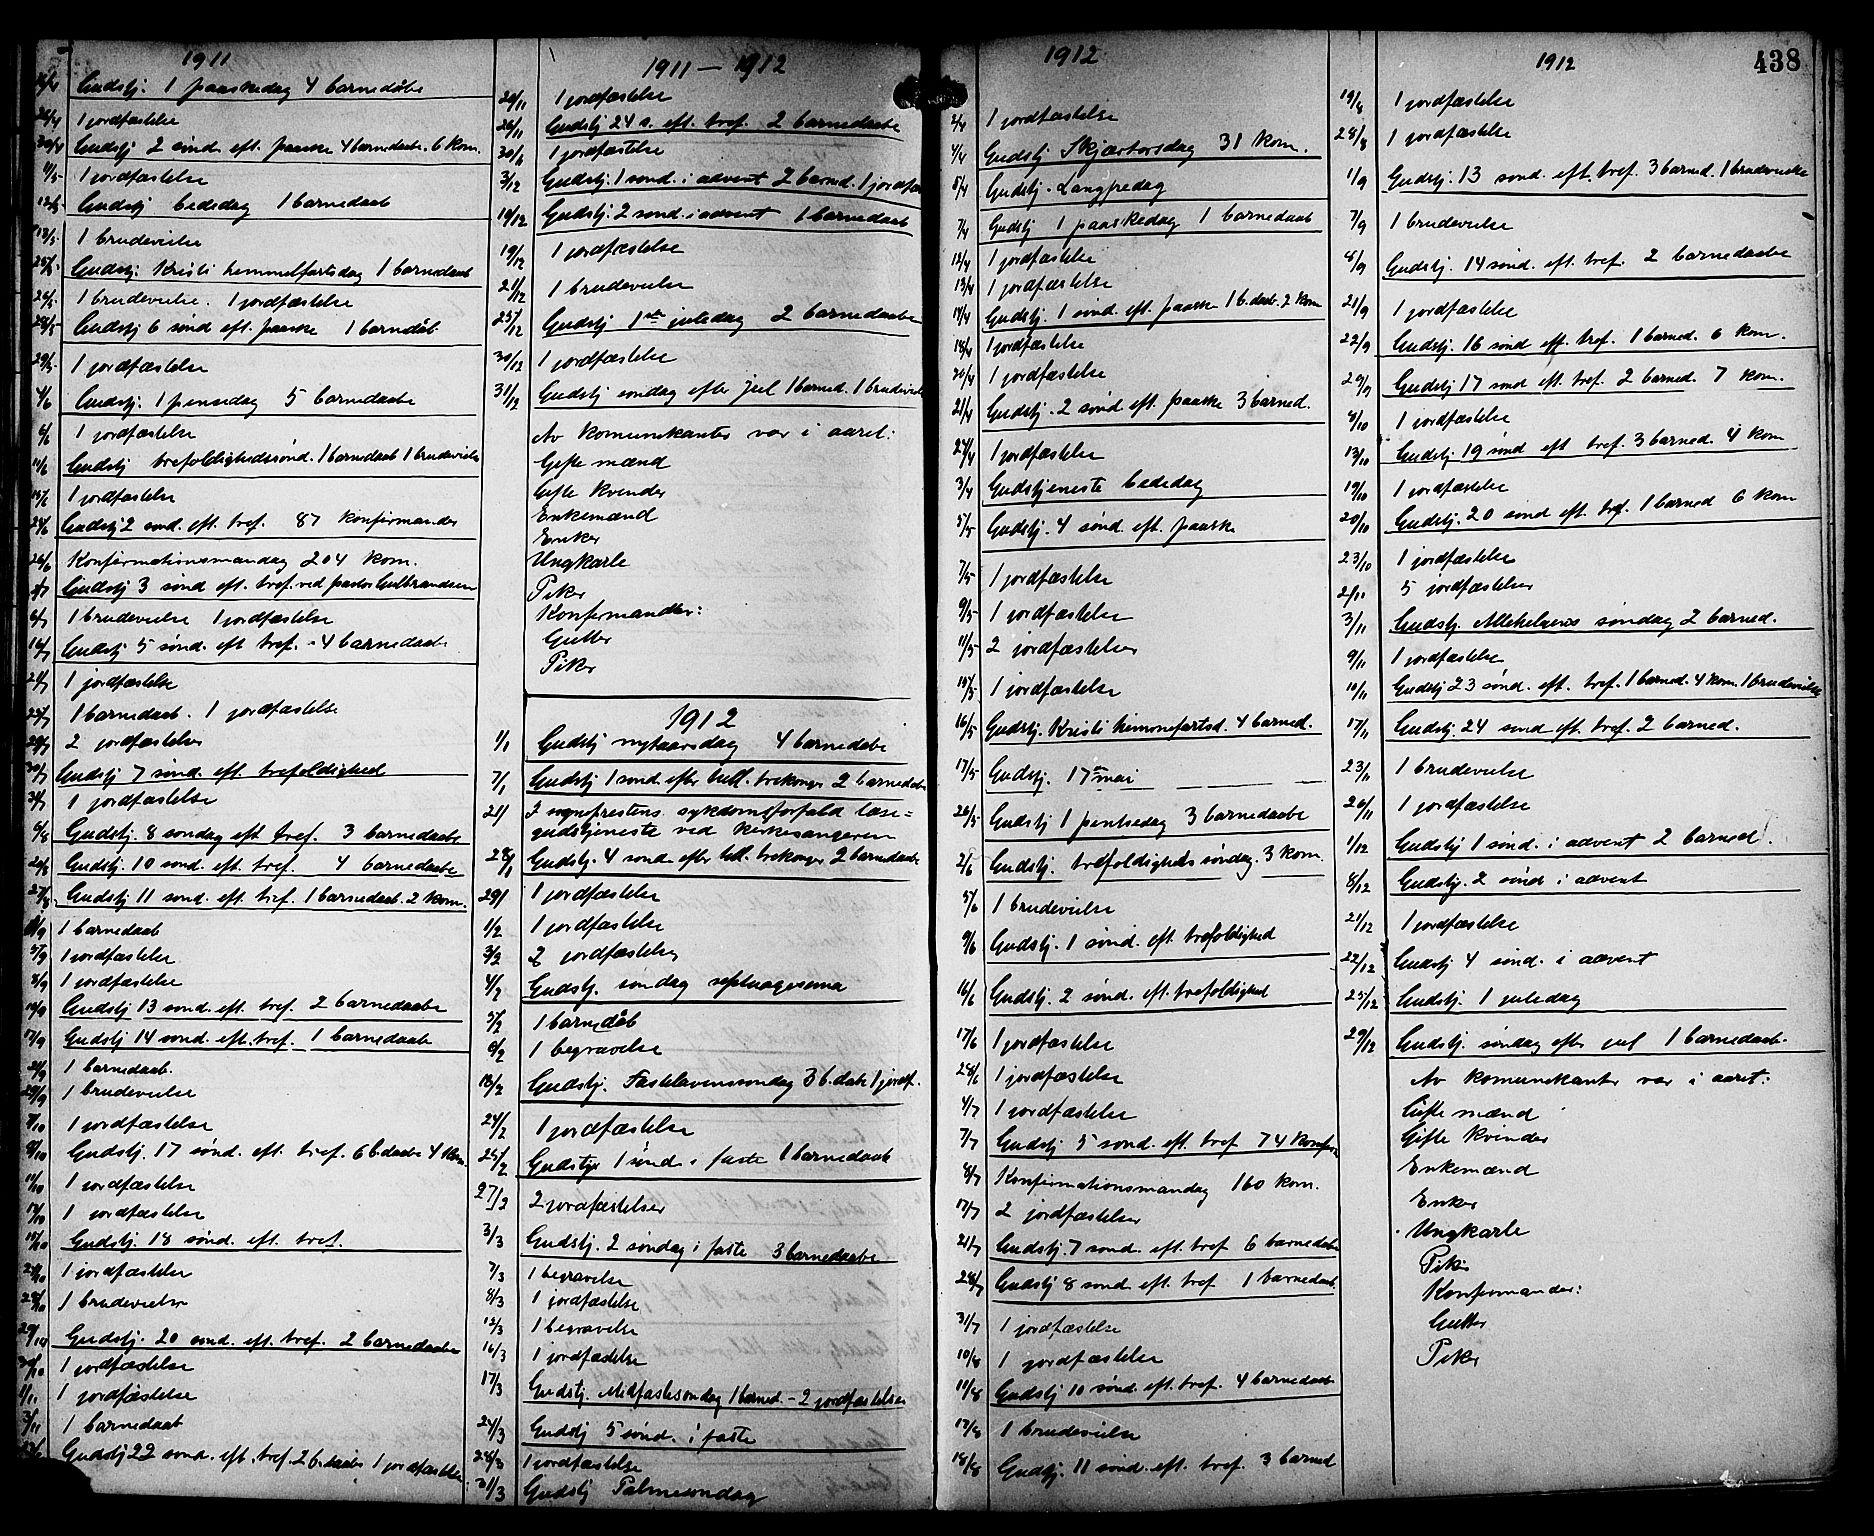 SAT, Ministerialprotokoller, klokkerbøker og fødselsregistre - Sør-Trøndelag, 659/L0746: Klokkerbok nr. 659C03, 1893-1912, s. 438